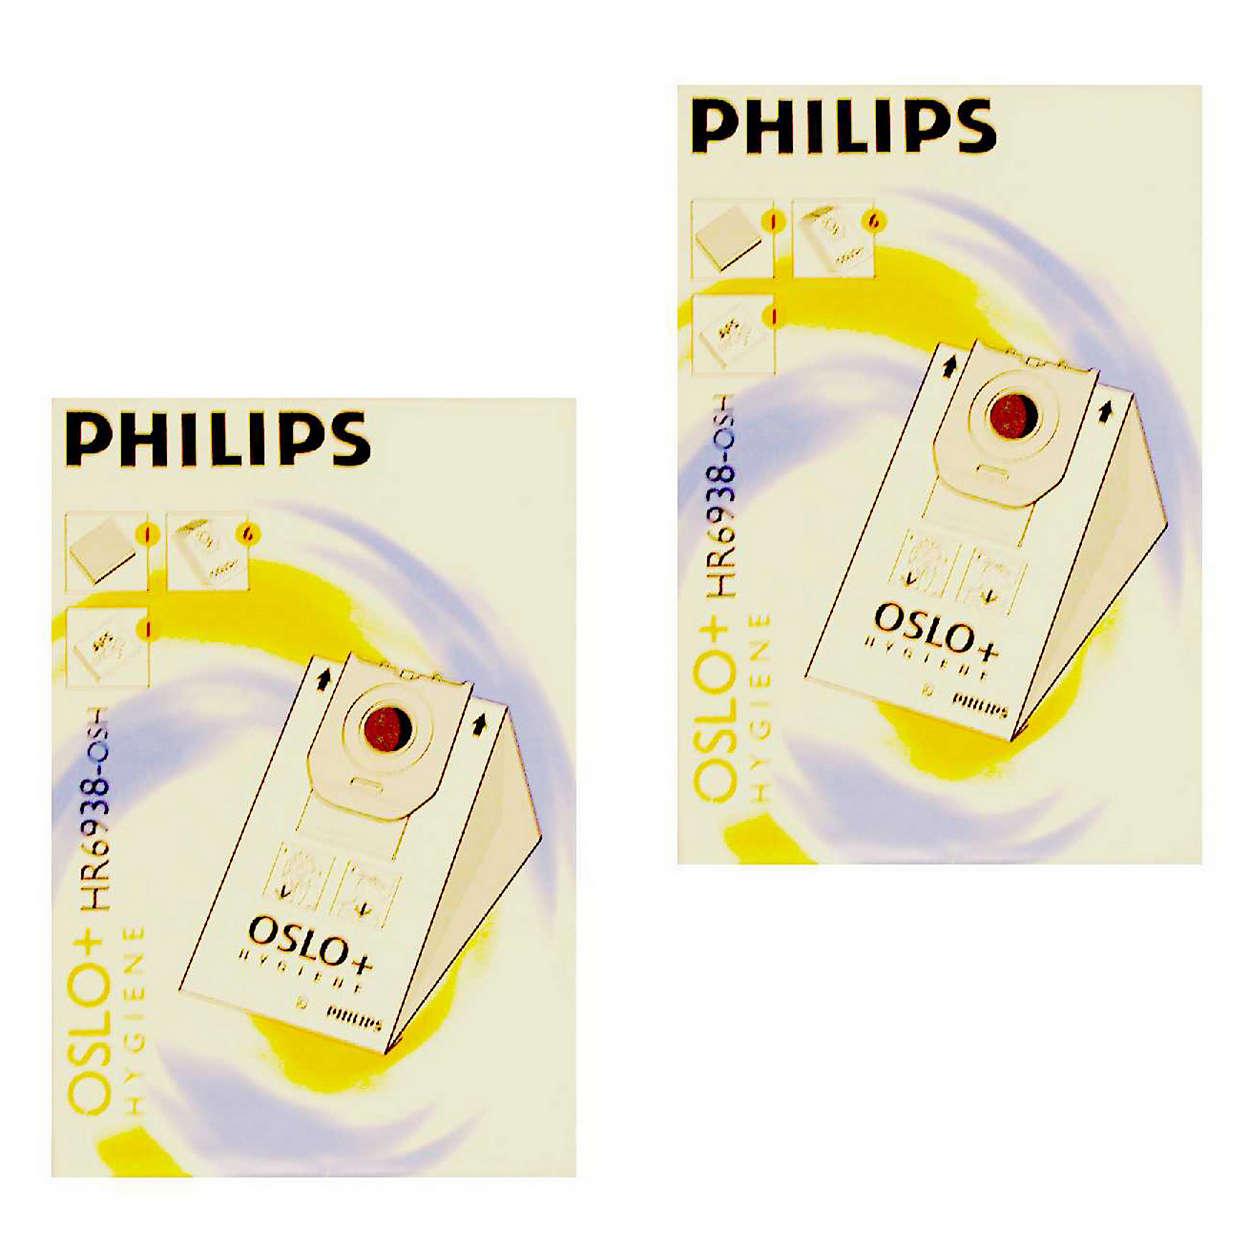 Der Original-Staubbeutel von Philips